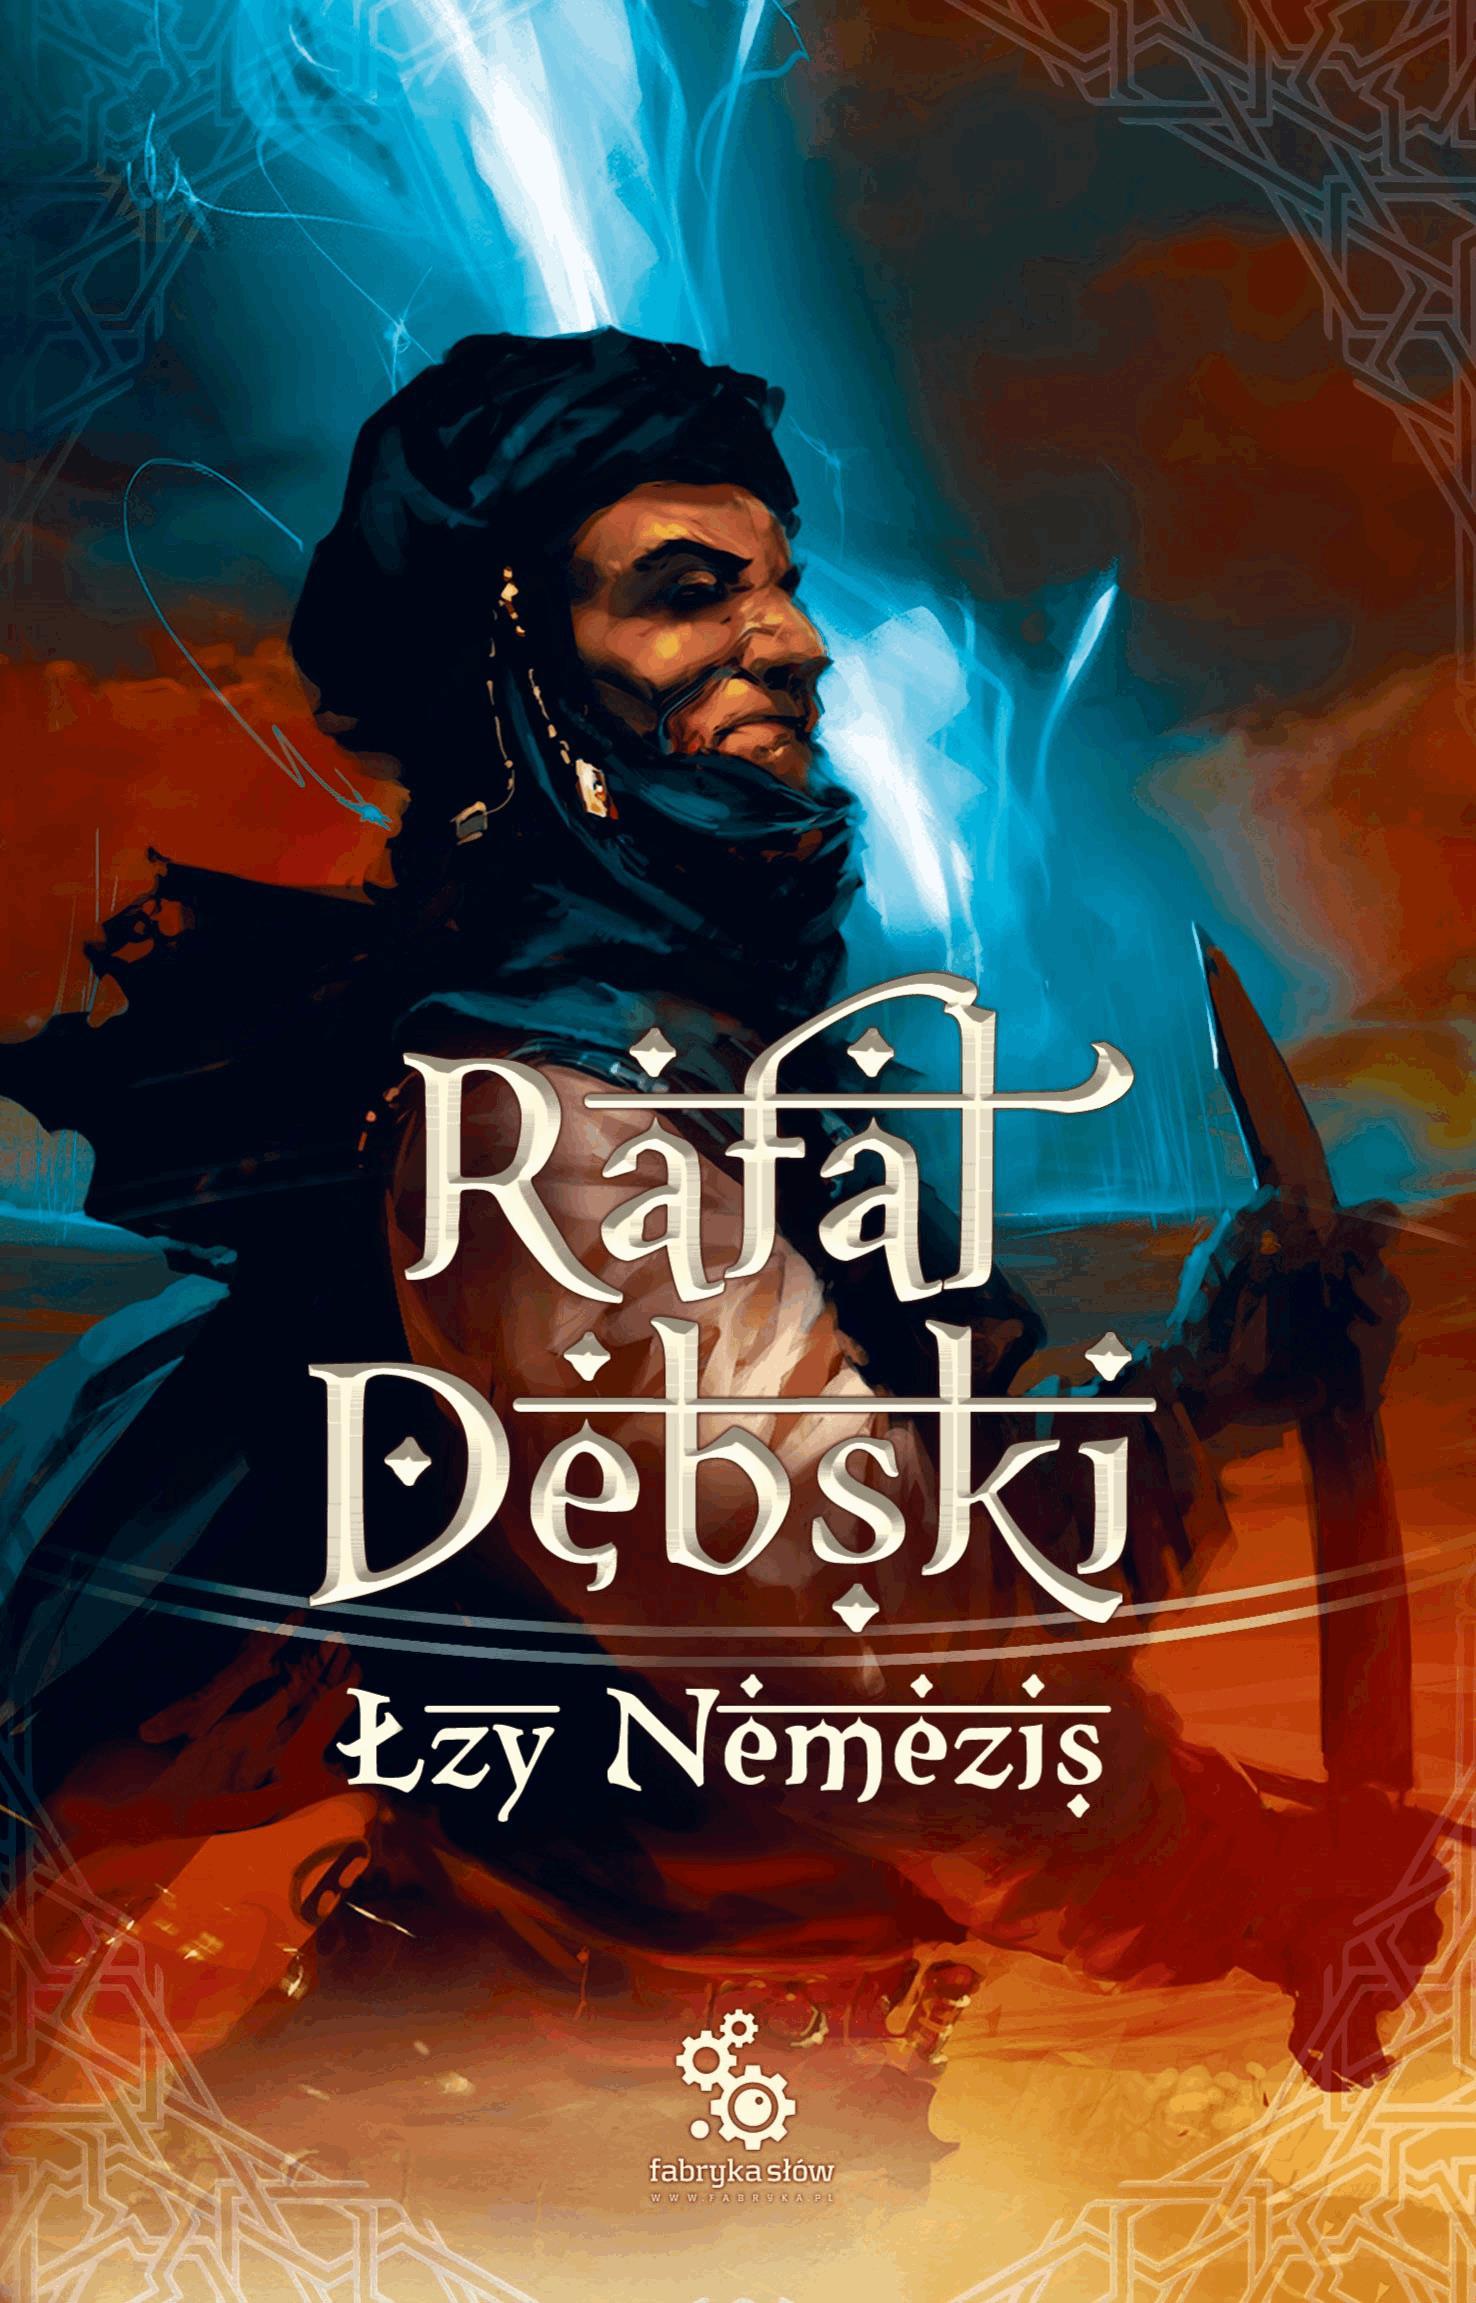 Łzy Nemezis - Tylko w Legimi możesz przeczytać ten tytuł przez 7 dni za darmo. - Rafał Dębski